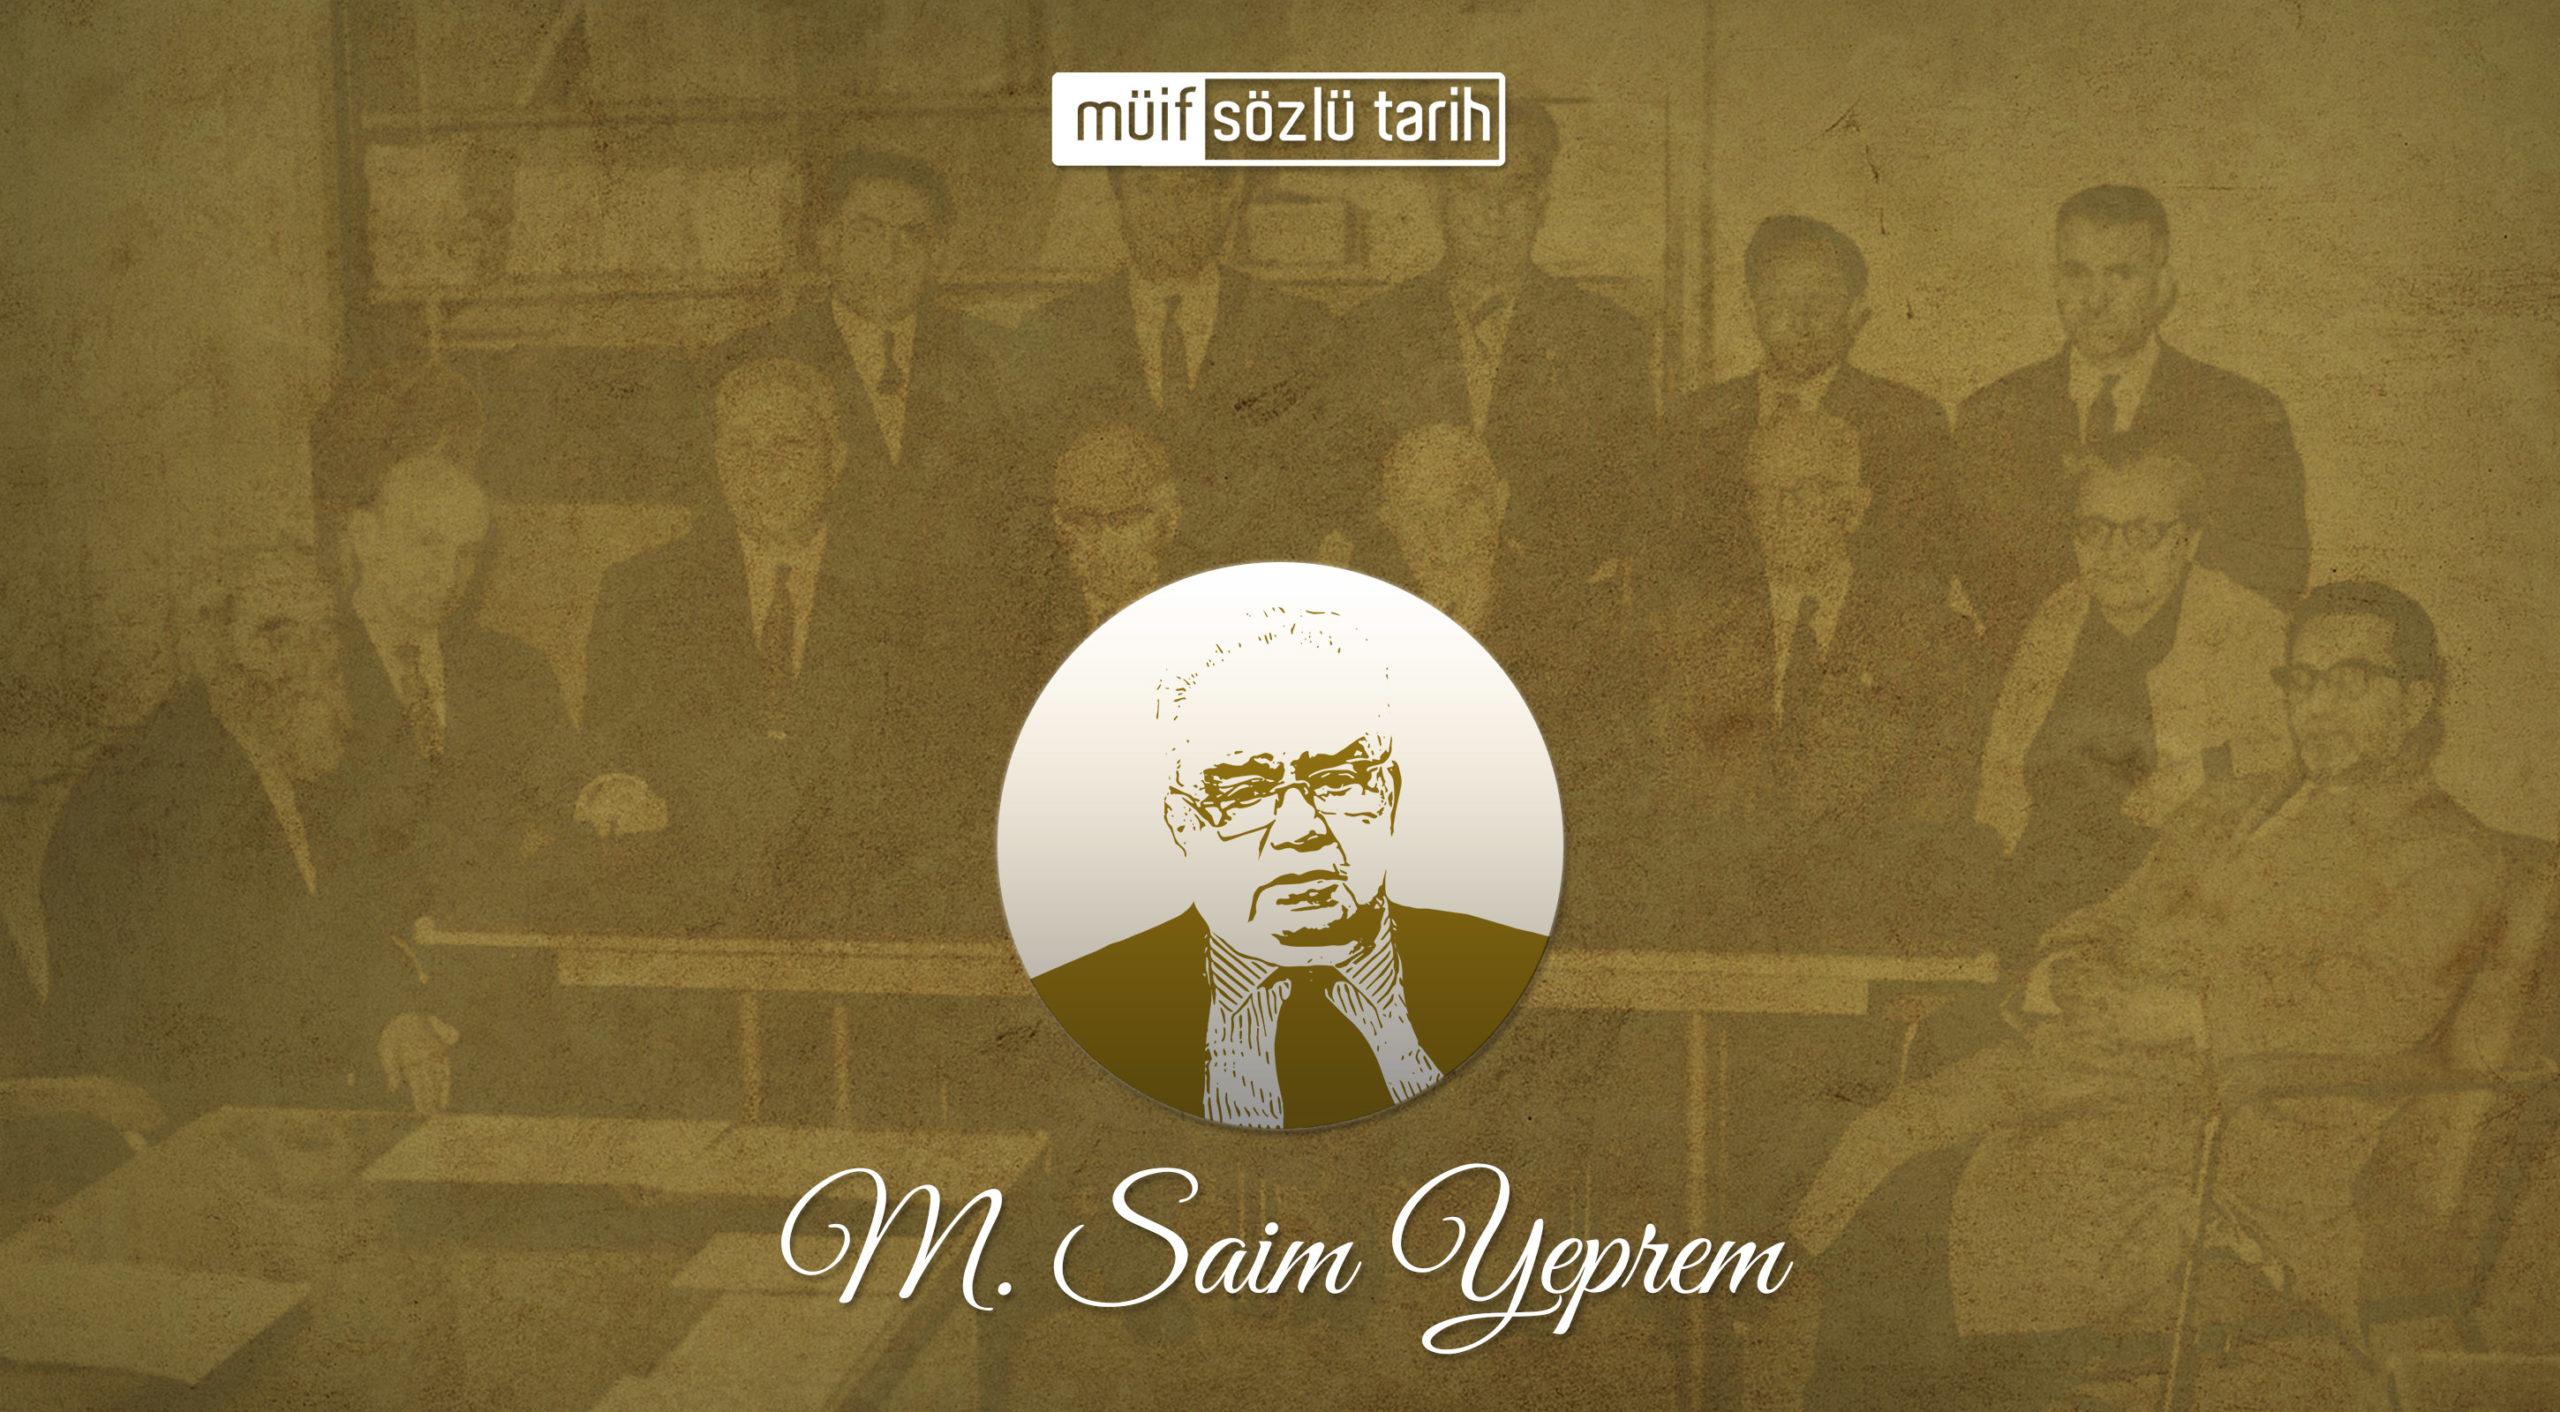 Prof. Dr. M. Saim Yeprem